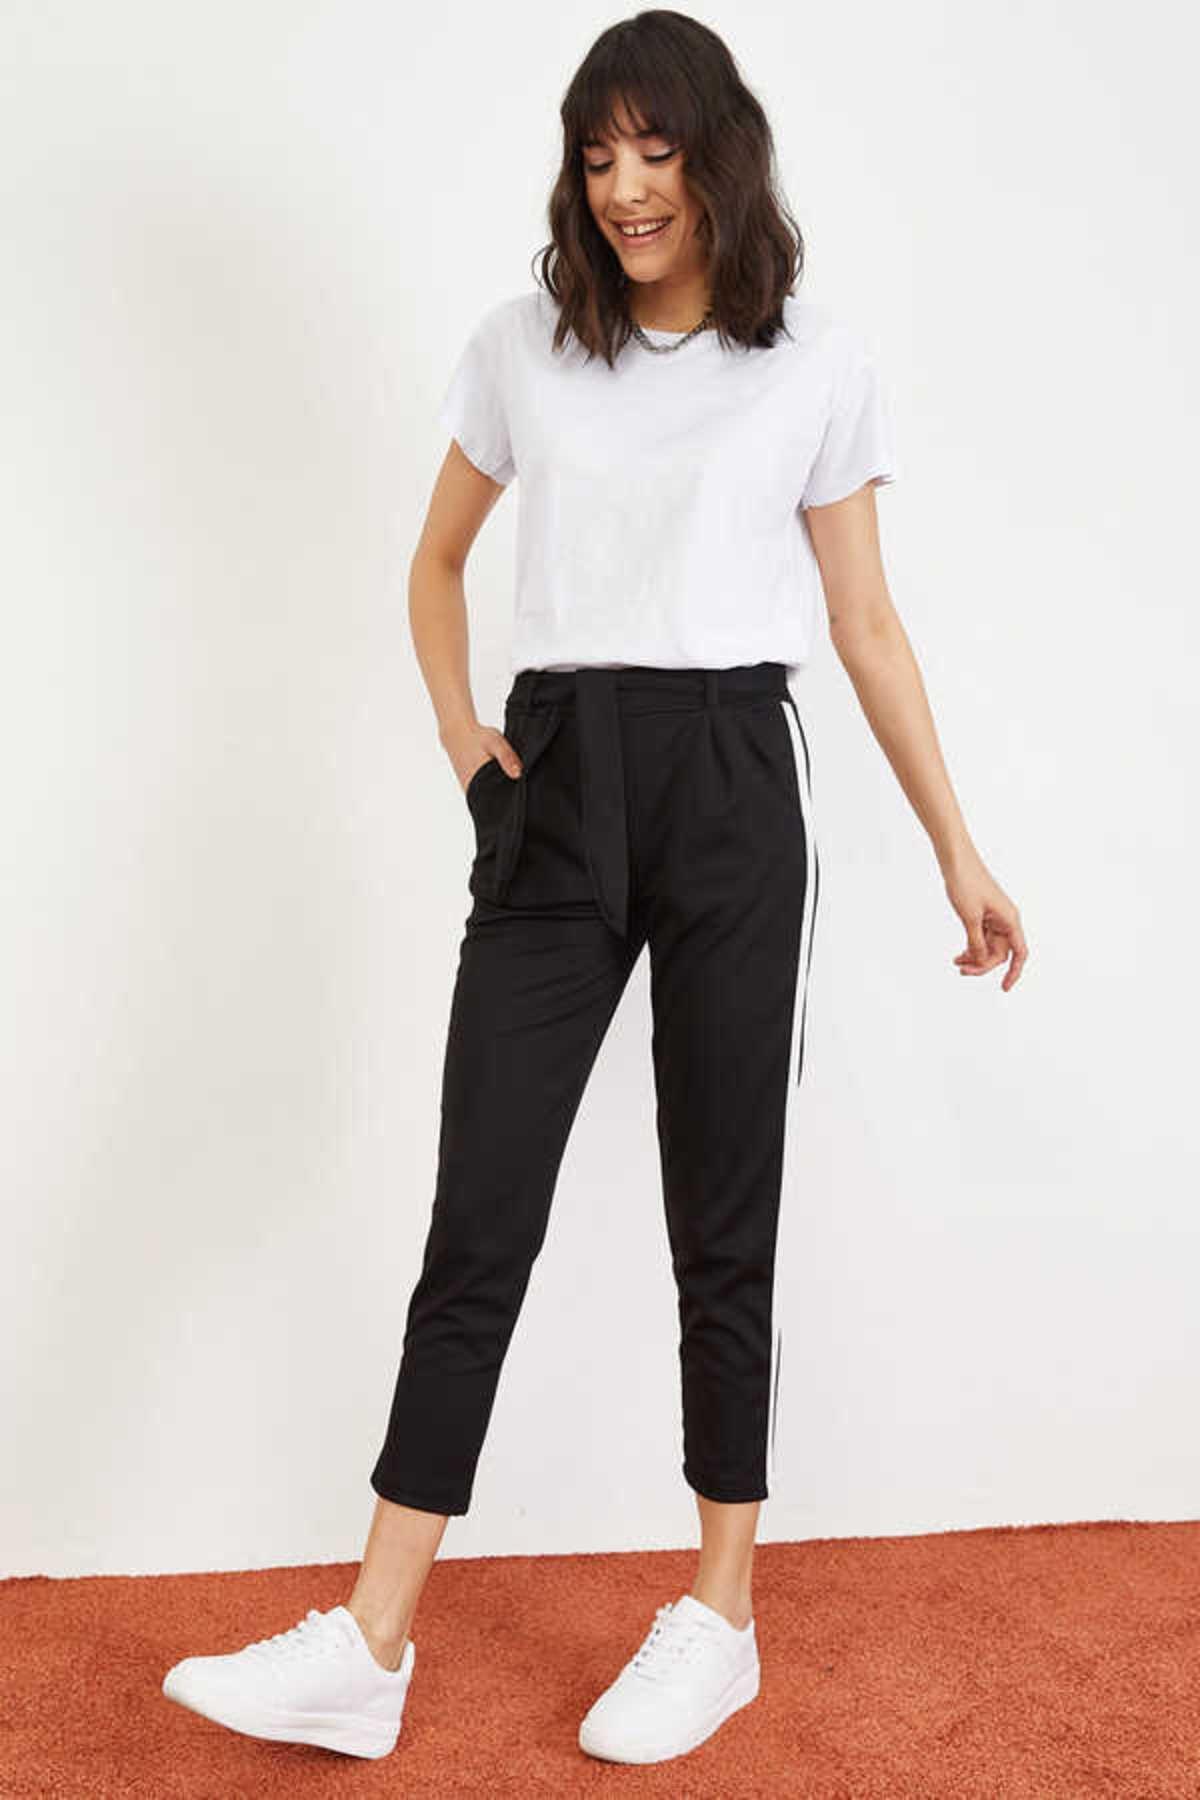 Bianco Lucci Kadın Siyah Yan Şerit Beli Lastikli Crep Pantolon 10021046 1